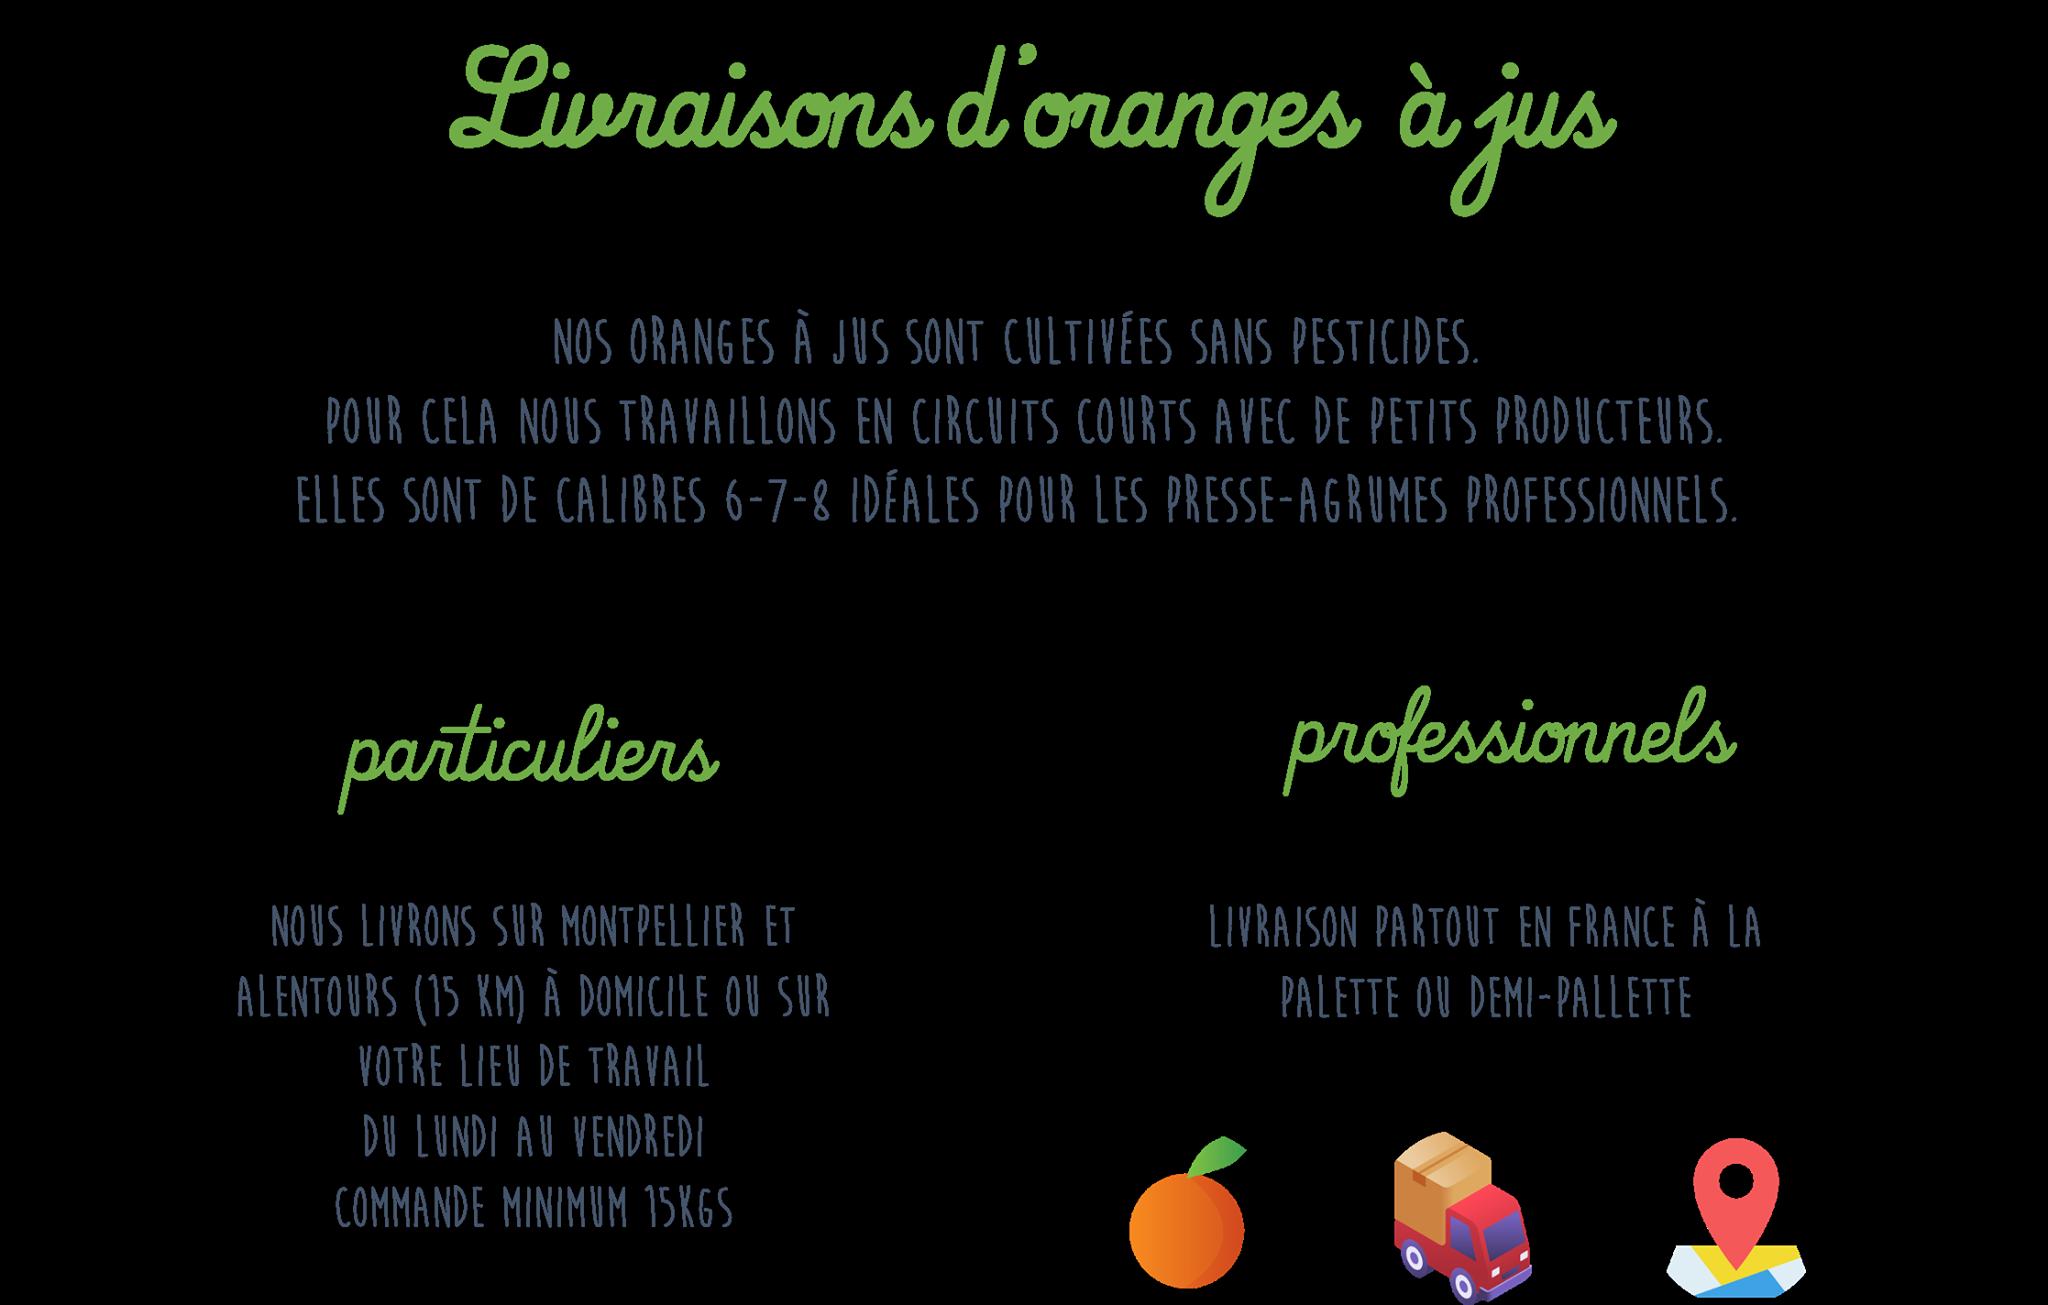 La Petite Orange propose la livraison d'oranges à jus à Montpellier. Nos oranges sont cultivées sans pesticides. Livraison gratuite 365 jours par an.